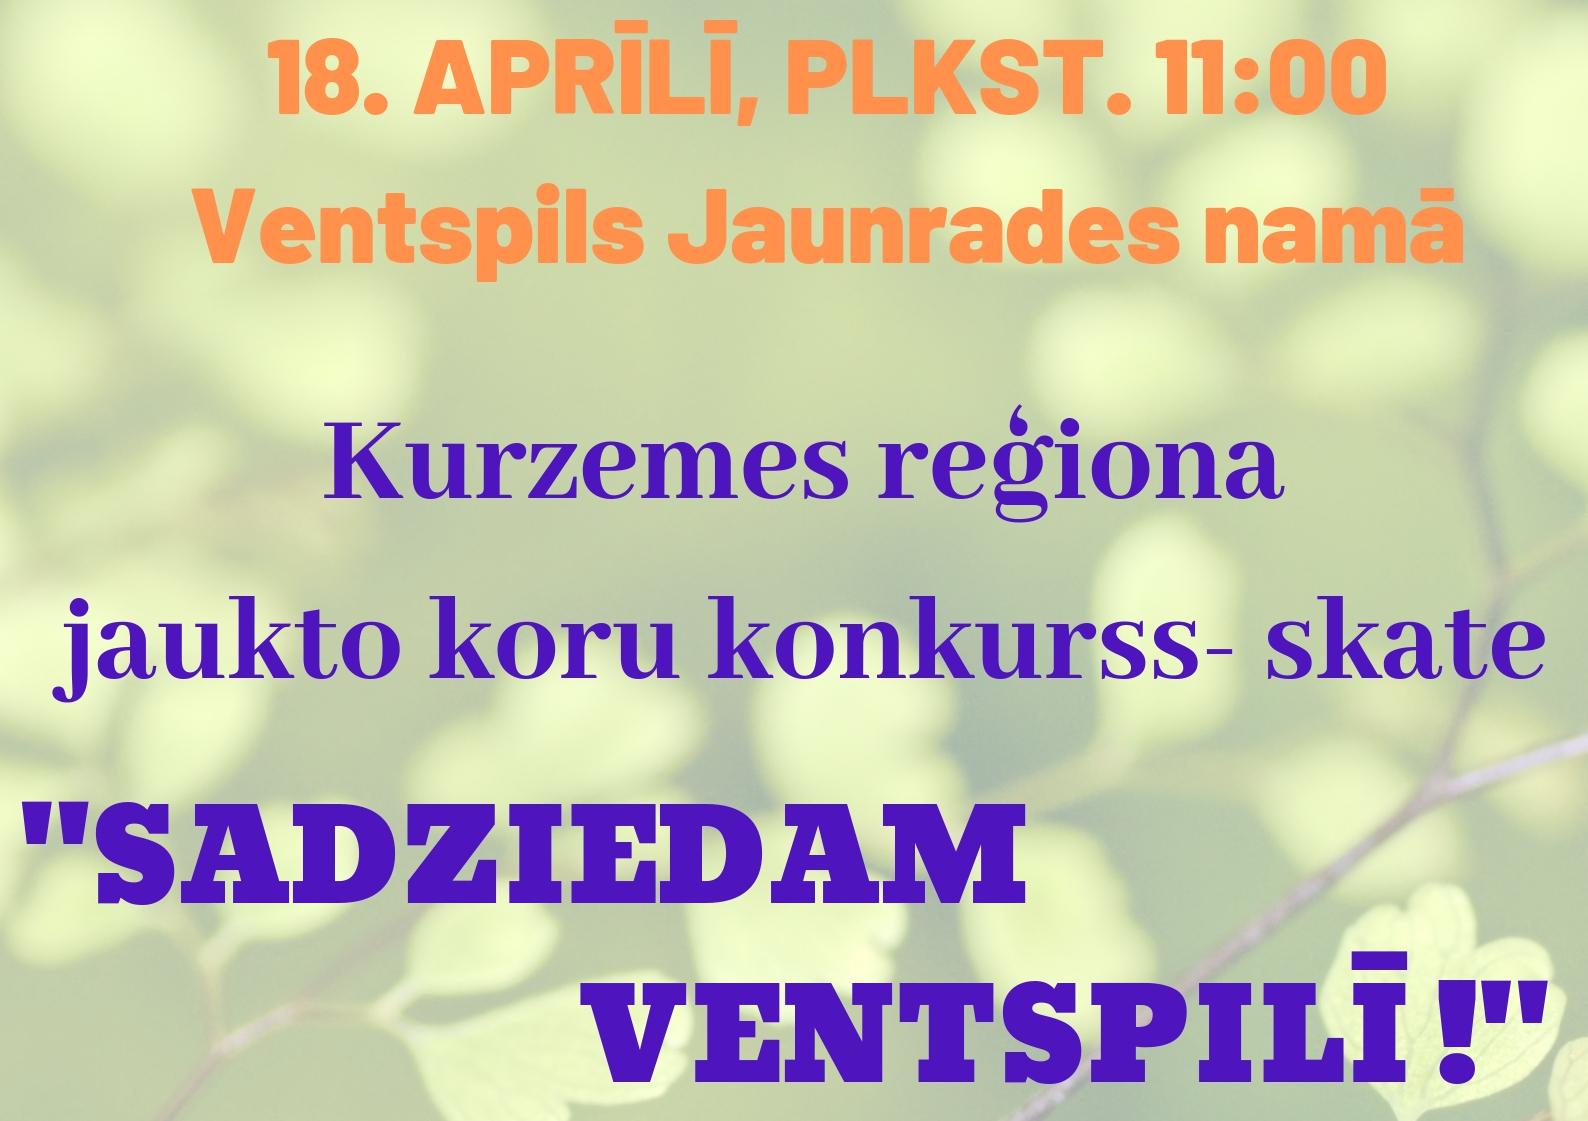 Jaukto_koru_konkurss_skate_kurzemes_reg.